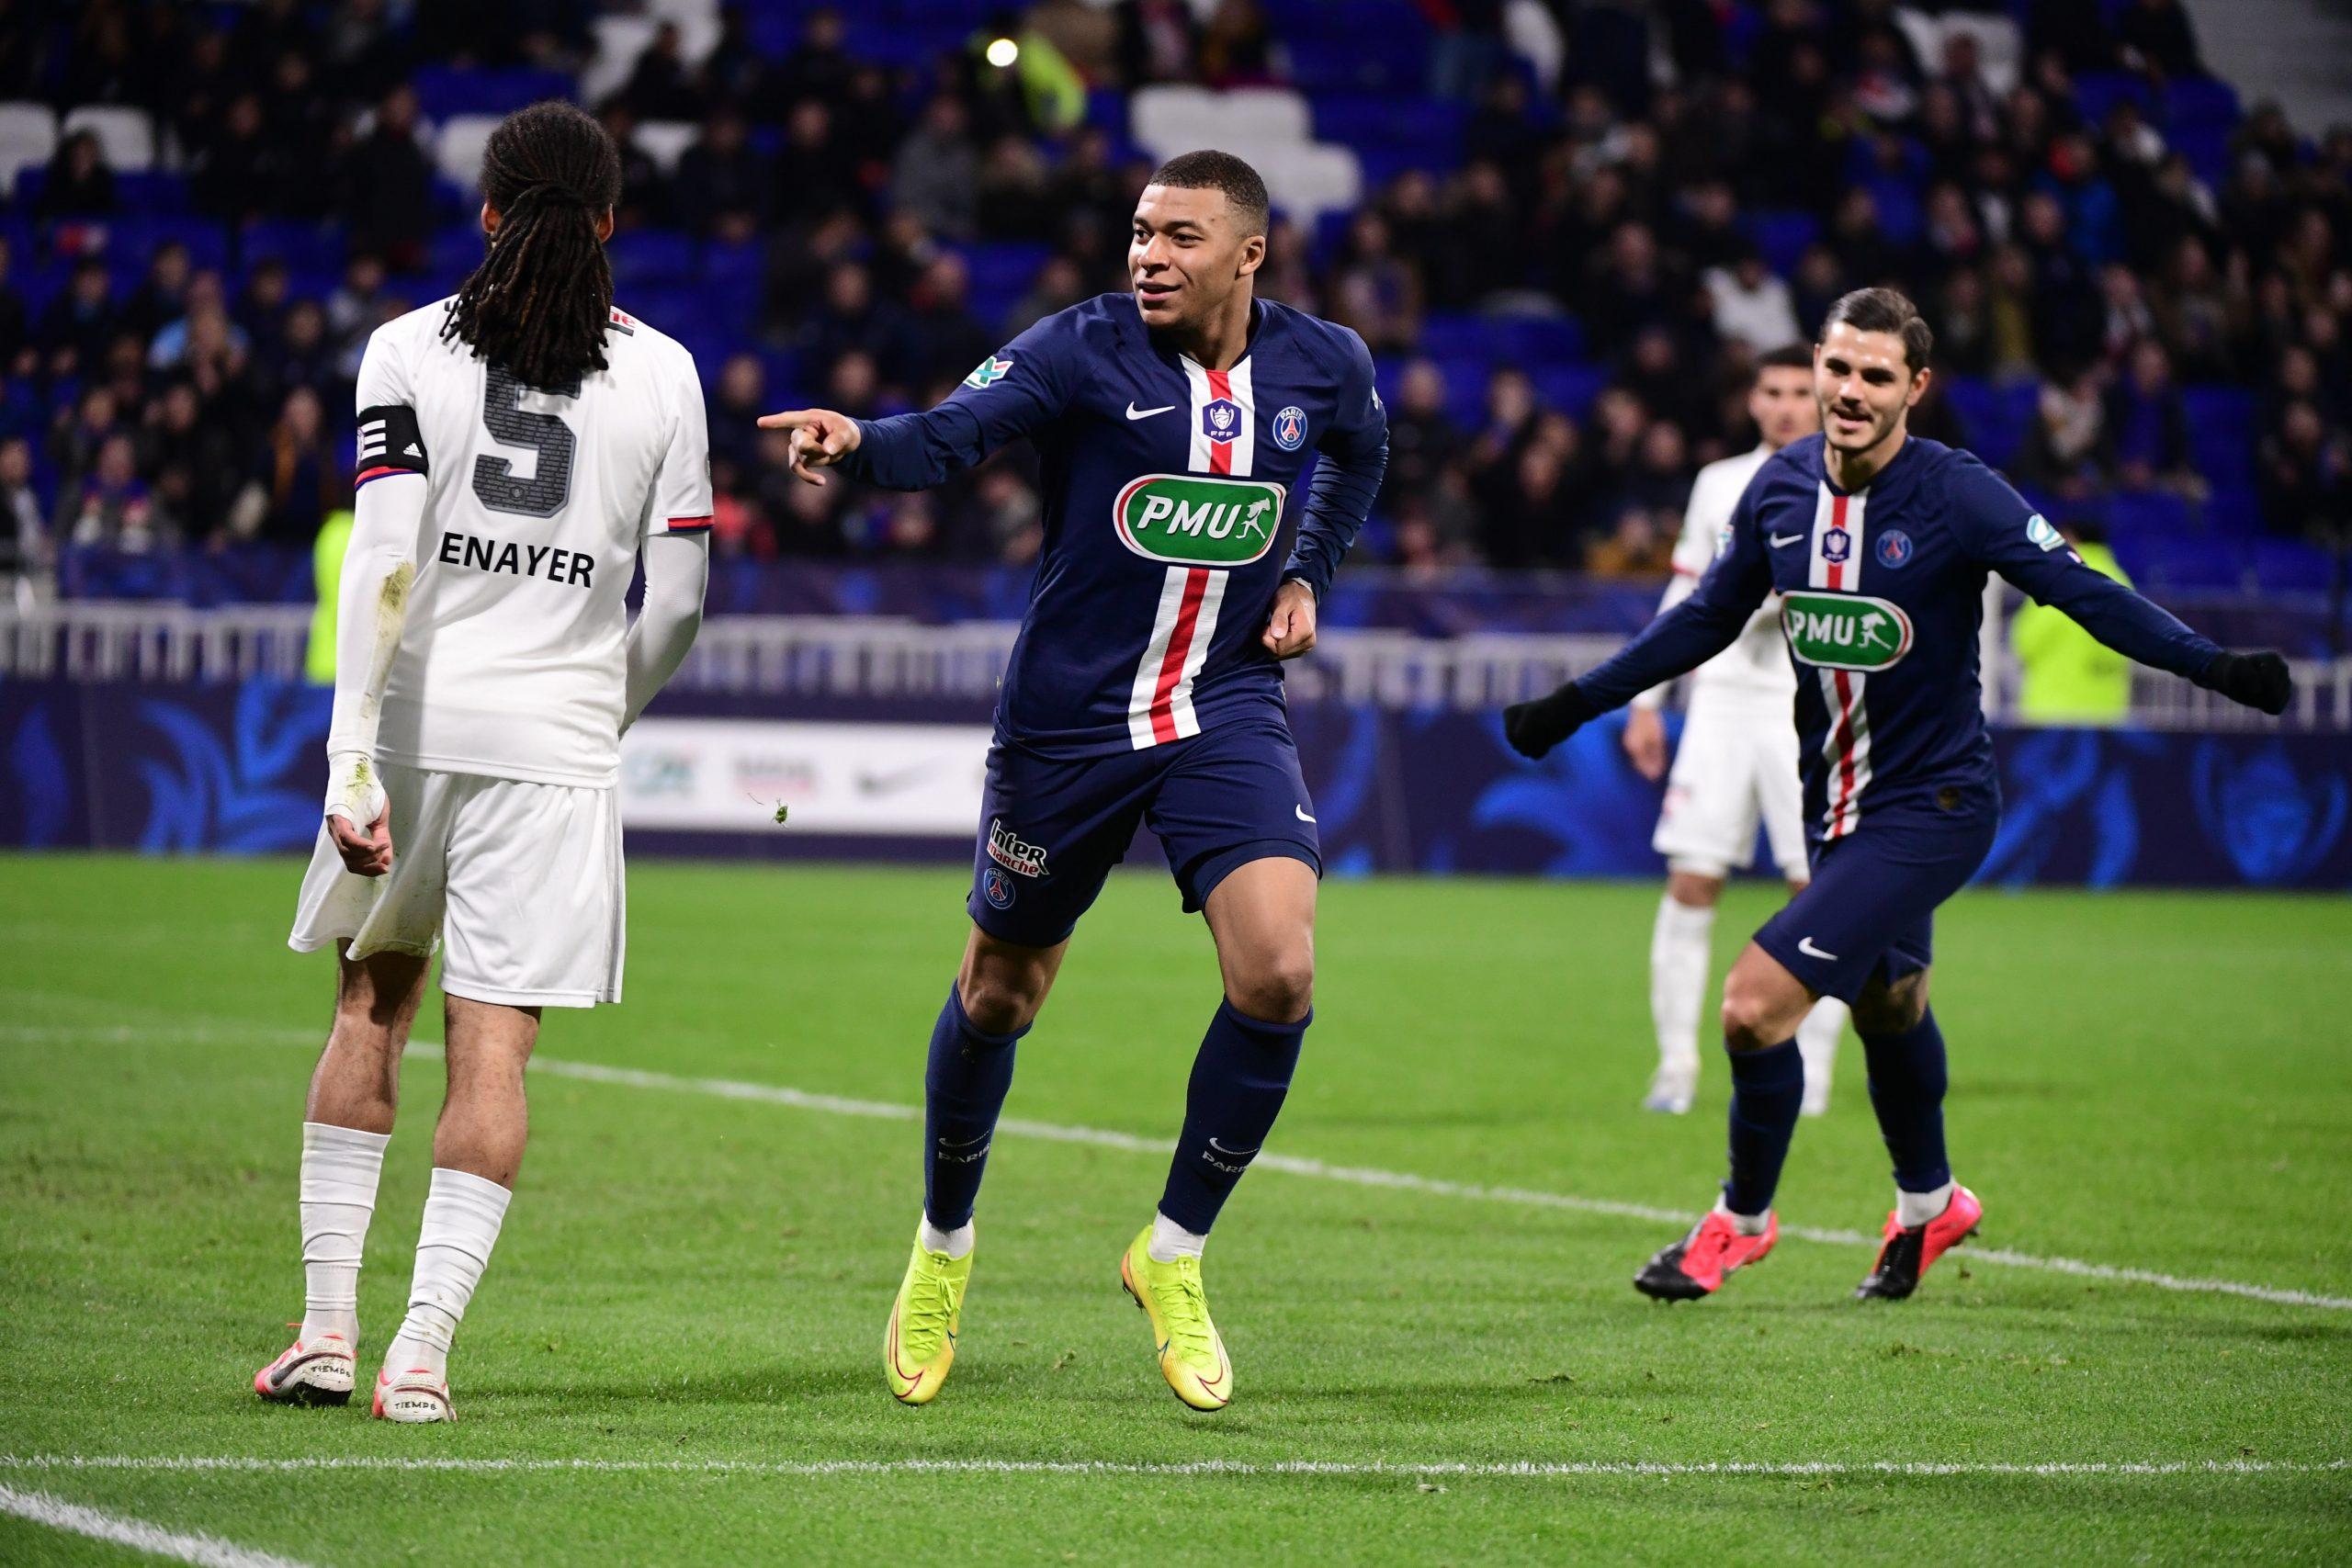 OL/PSG - Les tops et flops de la victoire un peu flatteuse des Parisiens